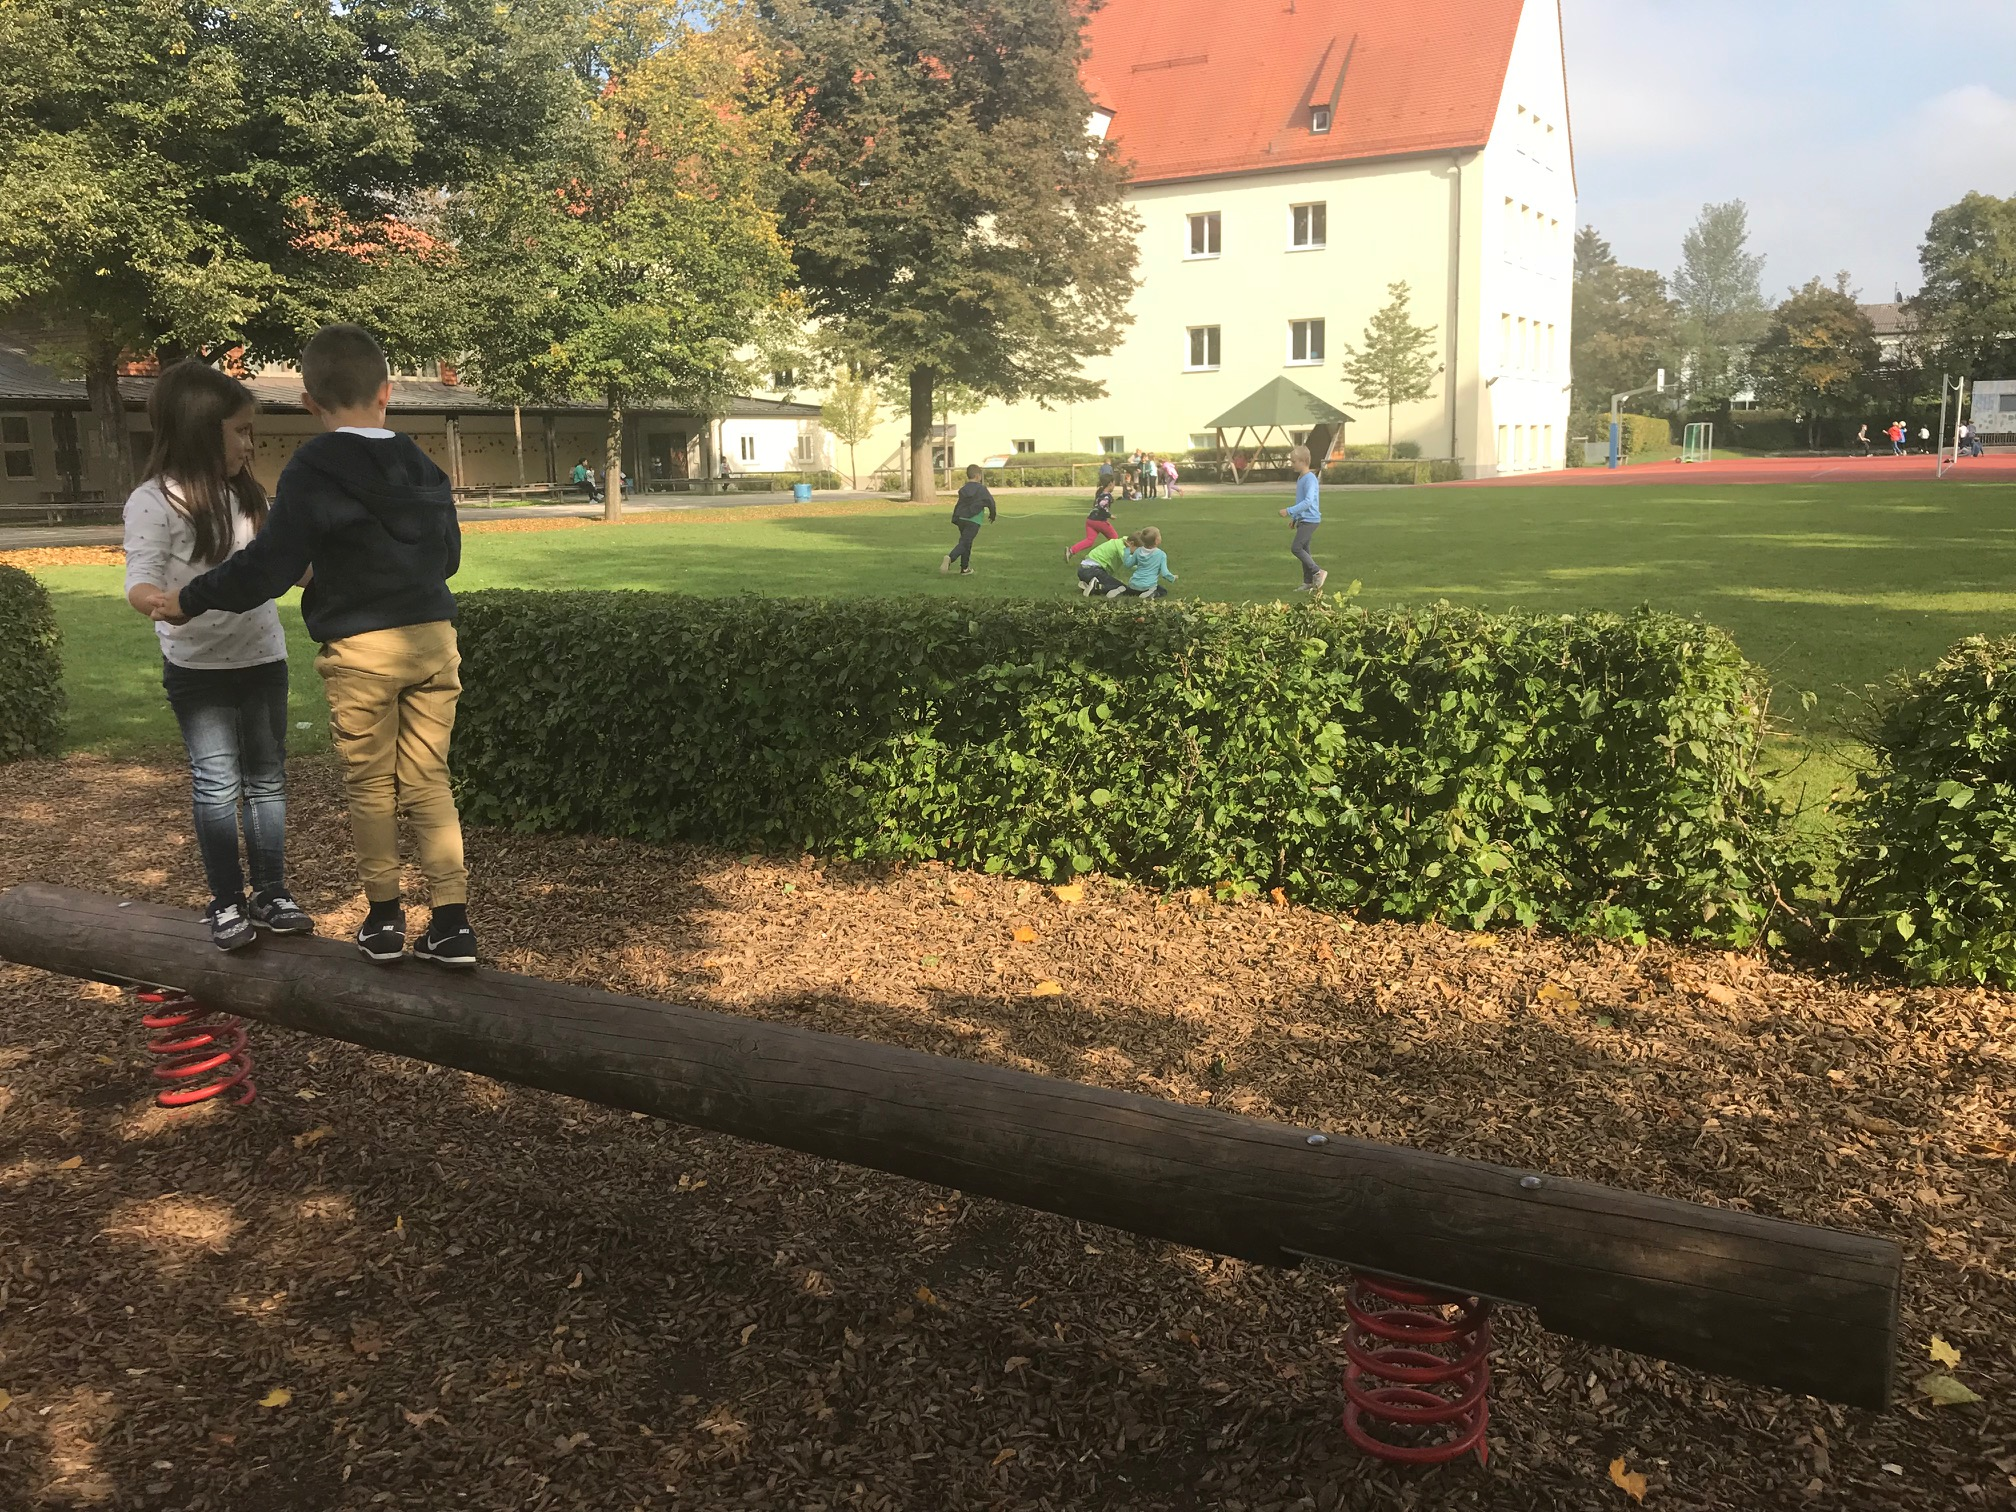 Klettergerüst Reck : Profil sport grundschui u2013 grundschule münchen lerchenauer str. 322